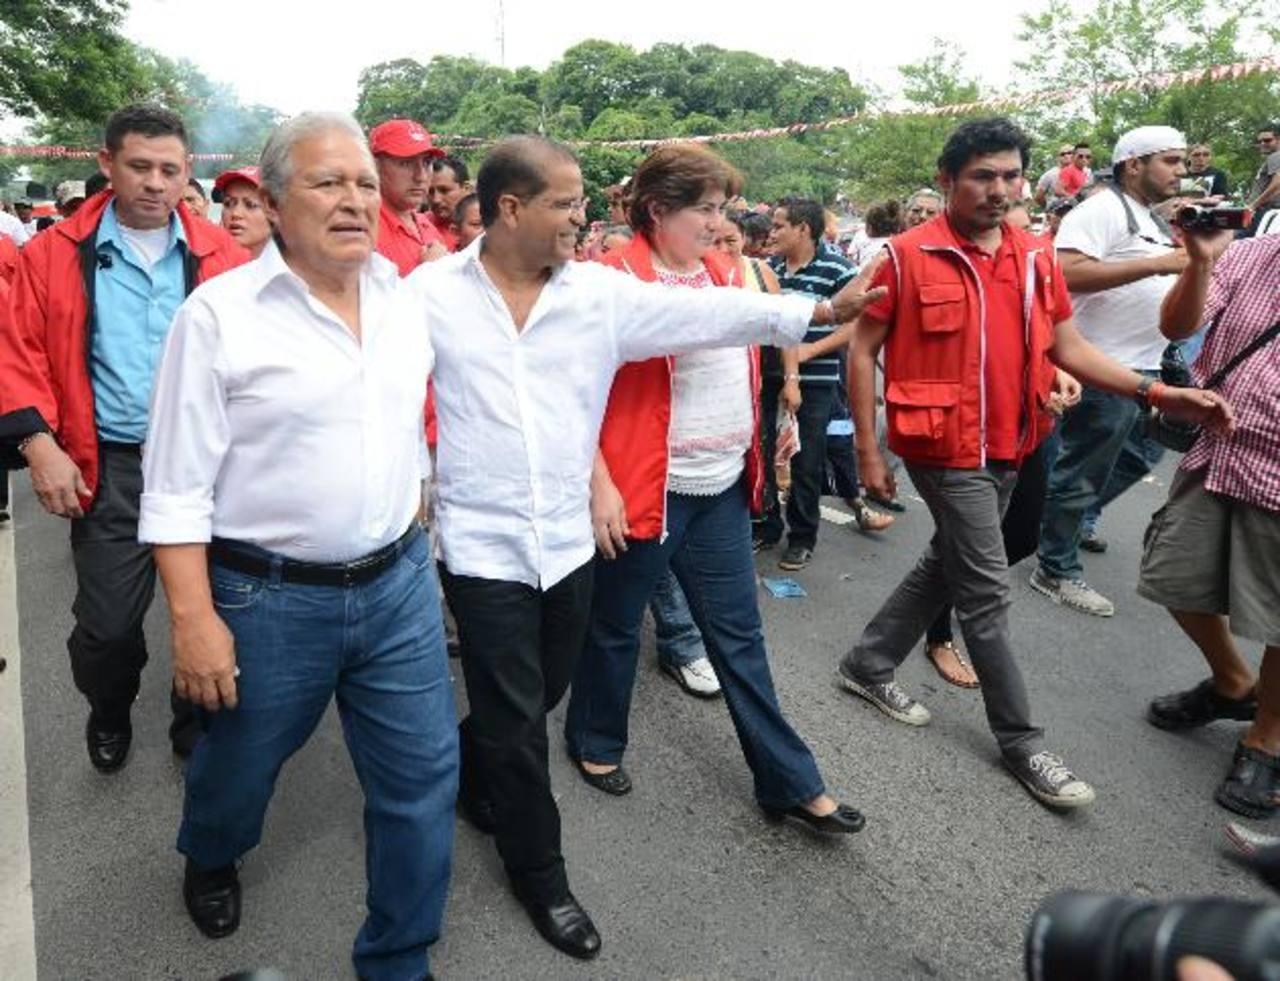 Salvador Sánchez Cerén y Óscar Ortiz visitaron ayer el municipio de San Rafael Cedros, en Cuscatlán. Luego partieron para San Miguel y Usulután. Foto EDH / douglas urquilla